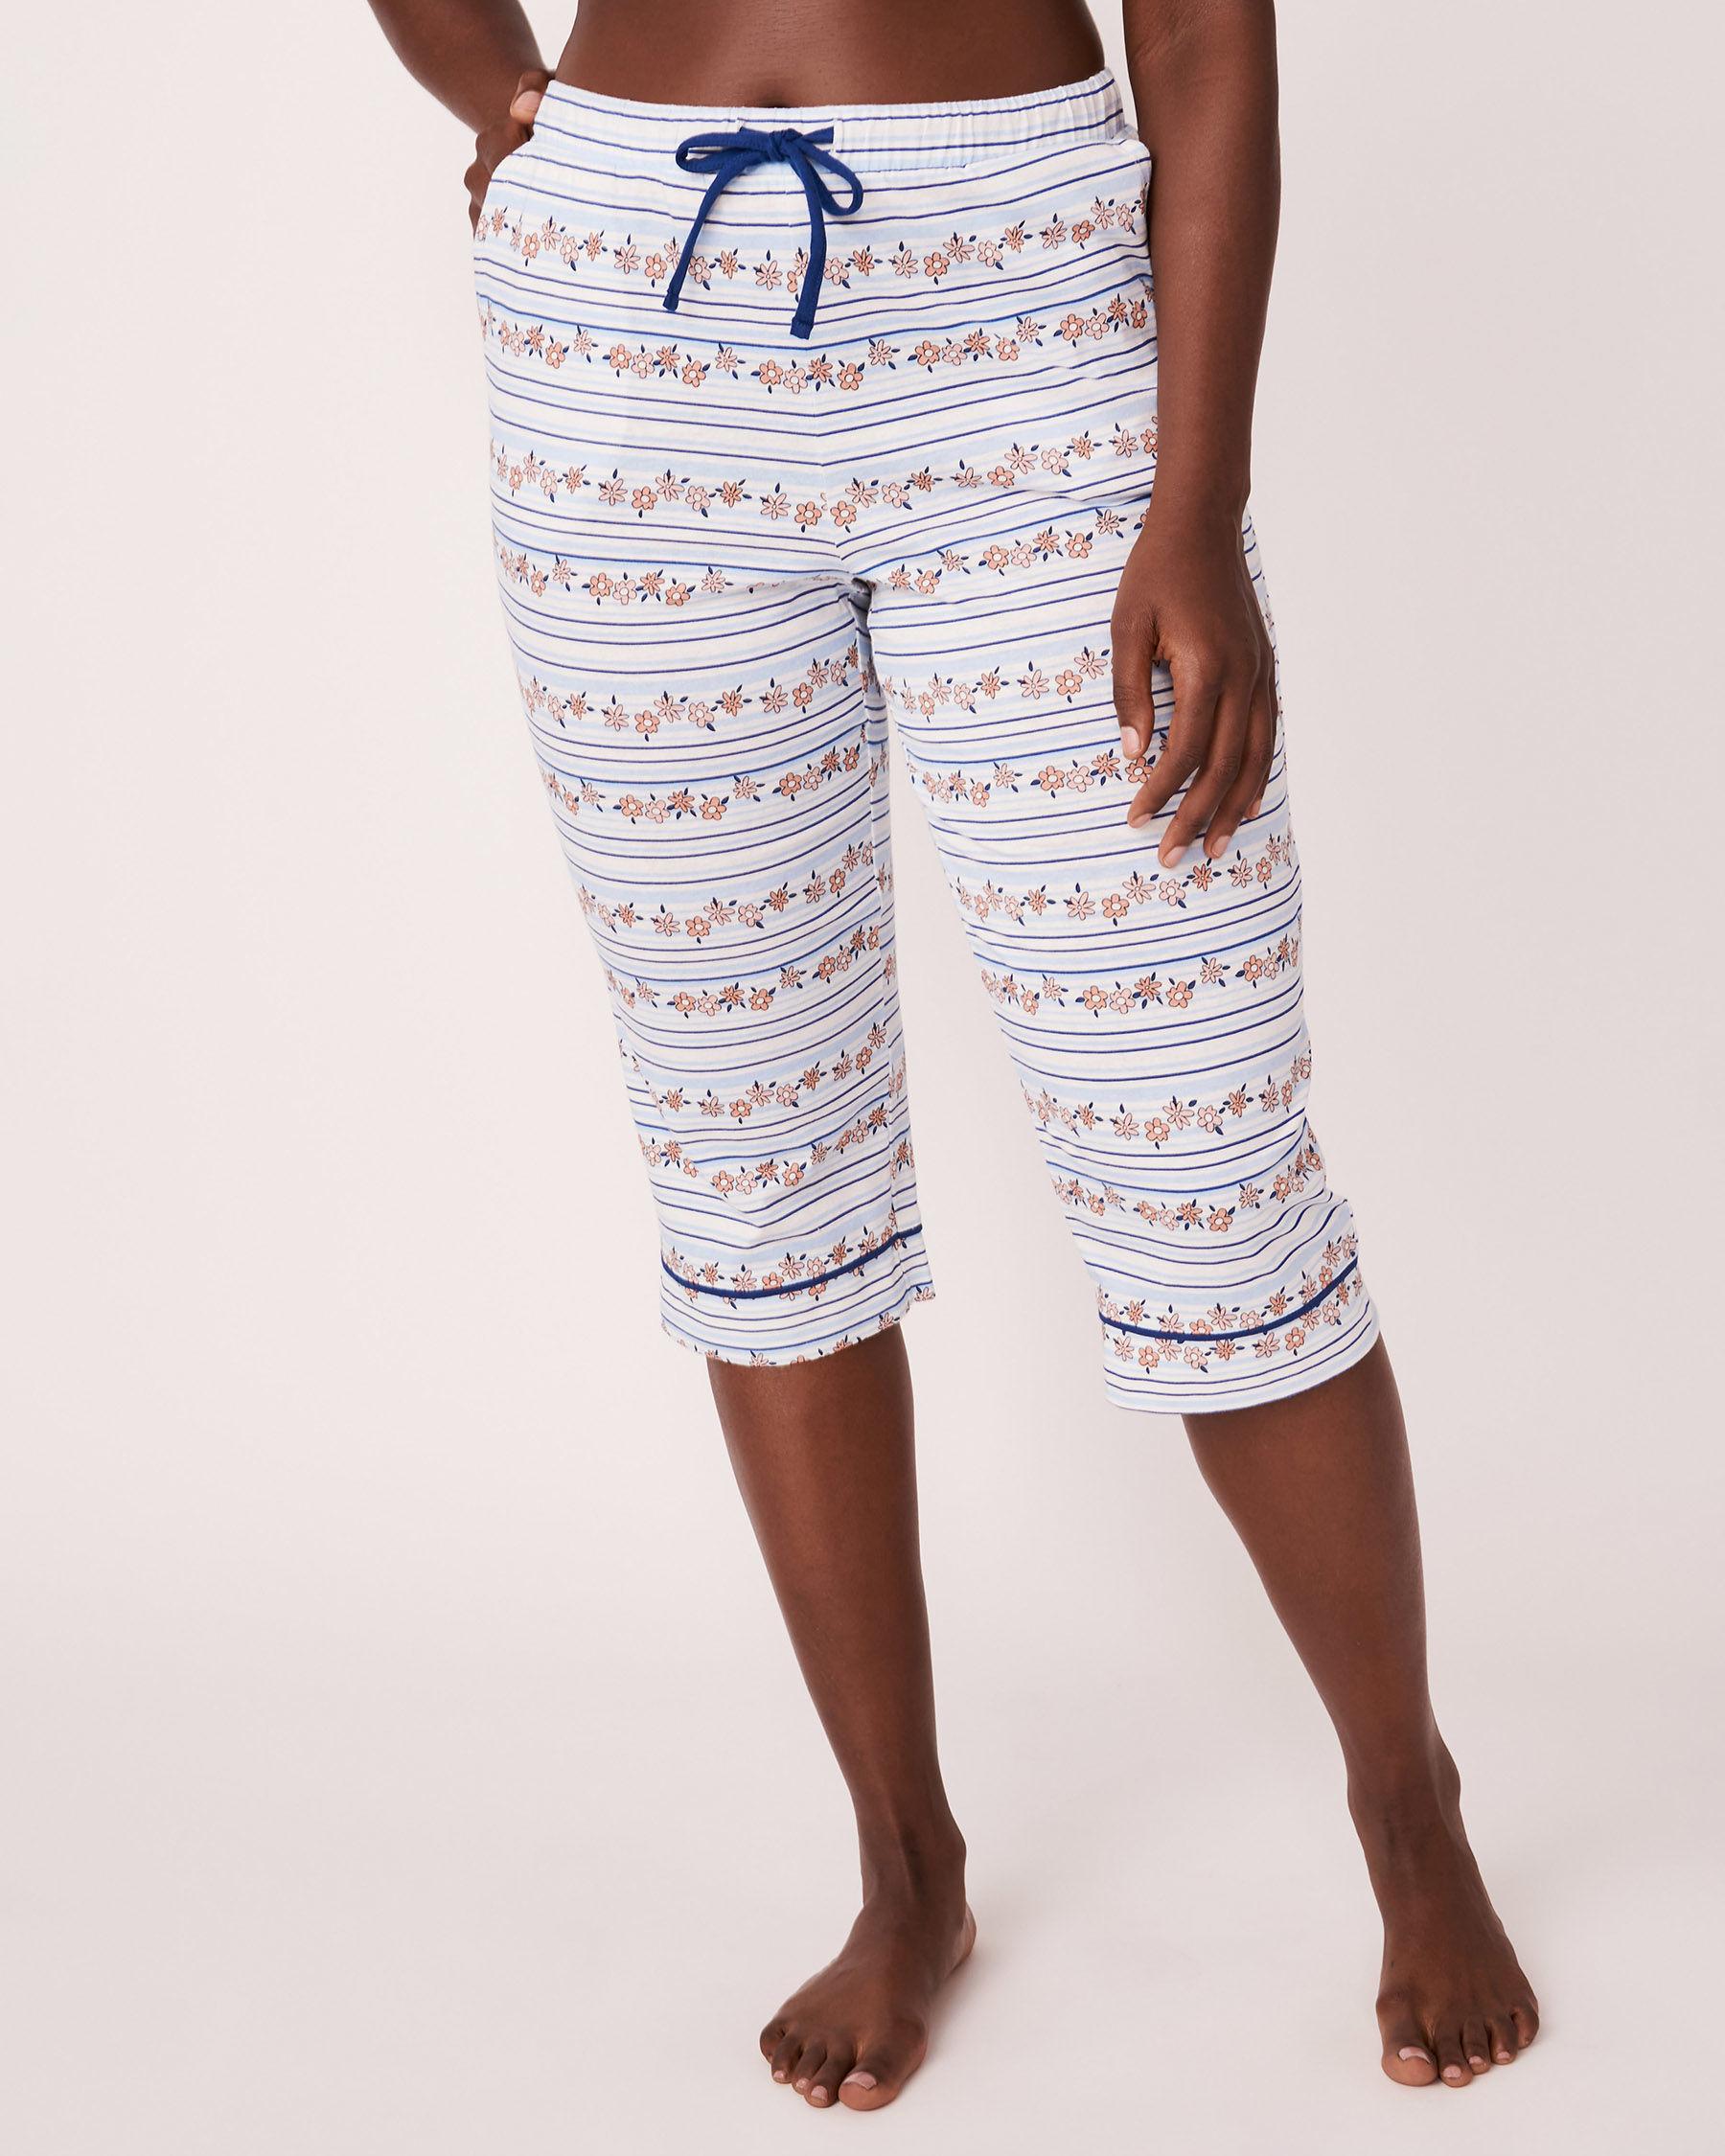 LA VIE EN ROSE Elastic Waistband Straight Leg Capri Stripes and print 878-389-1-11 - View1